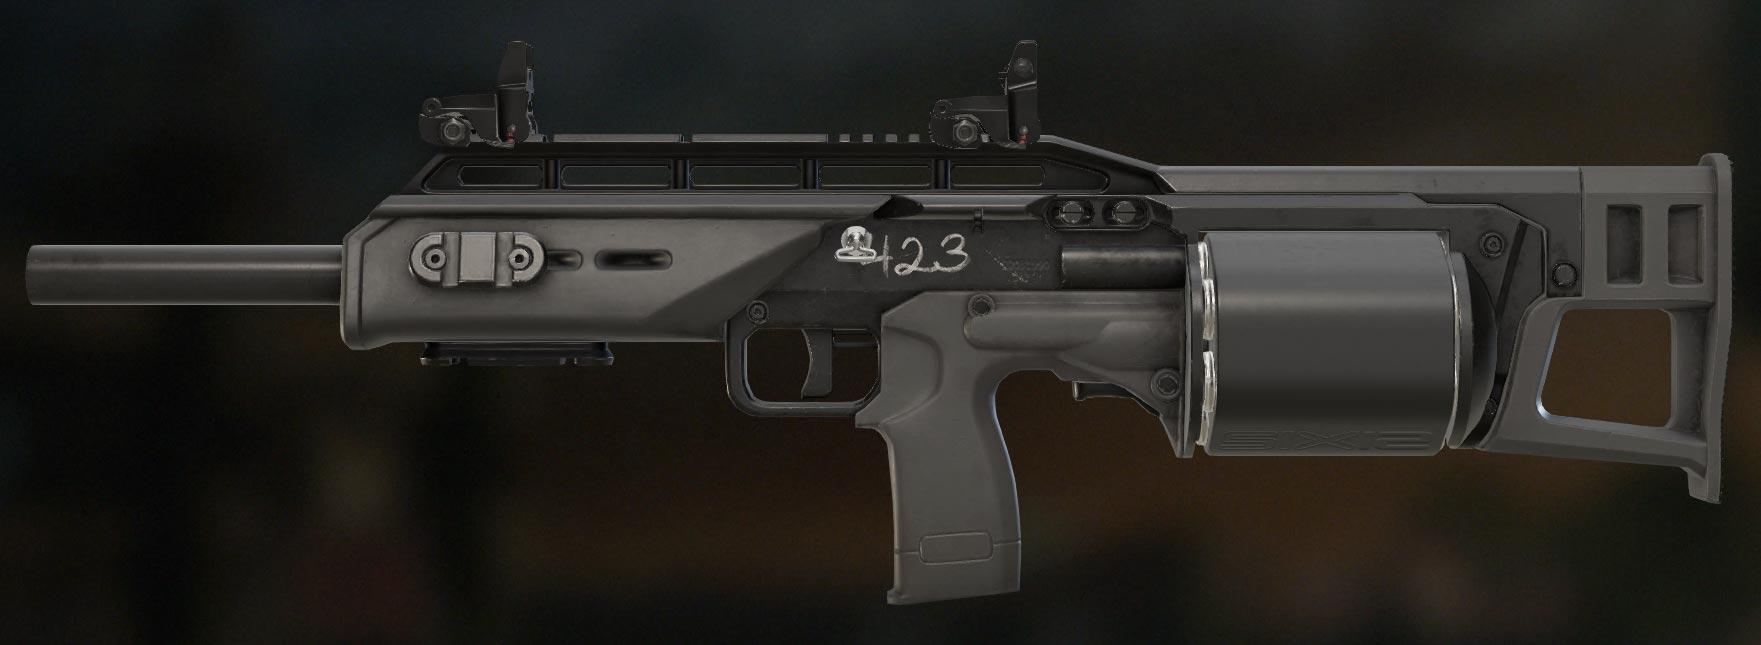 SIX12